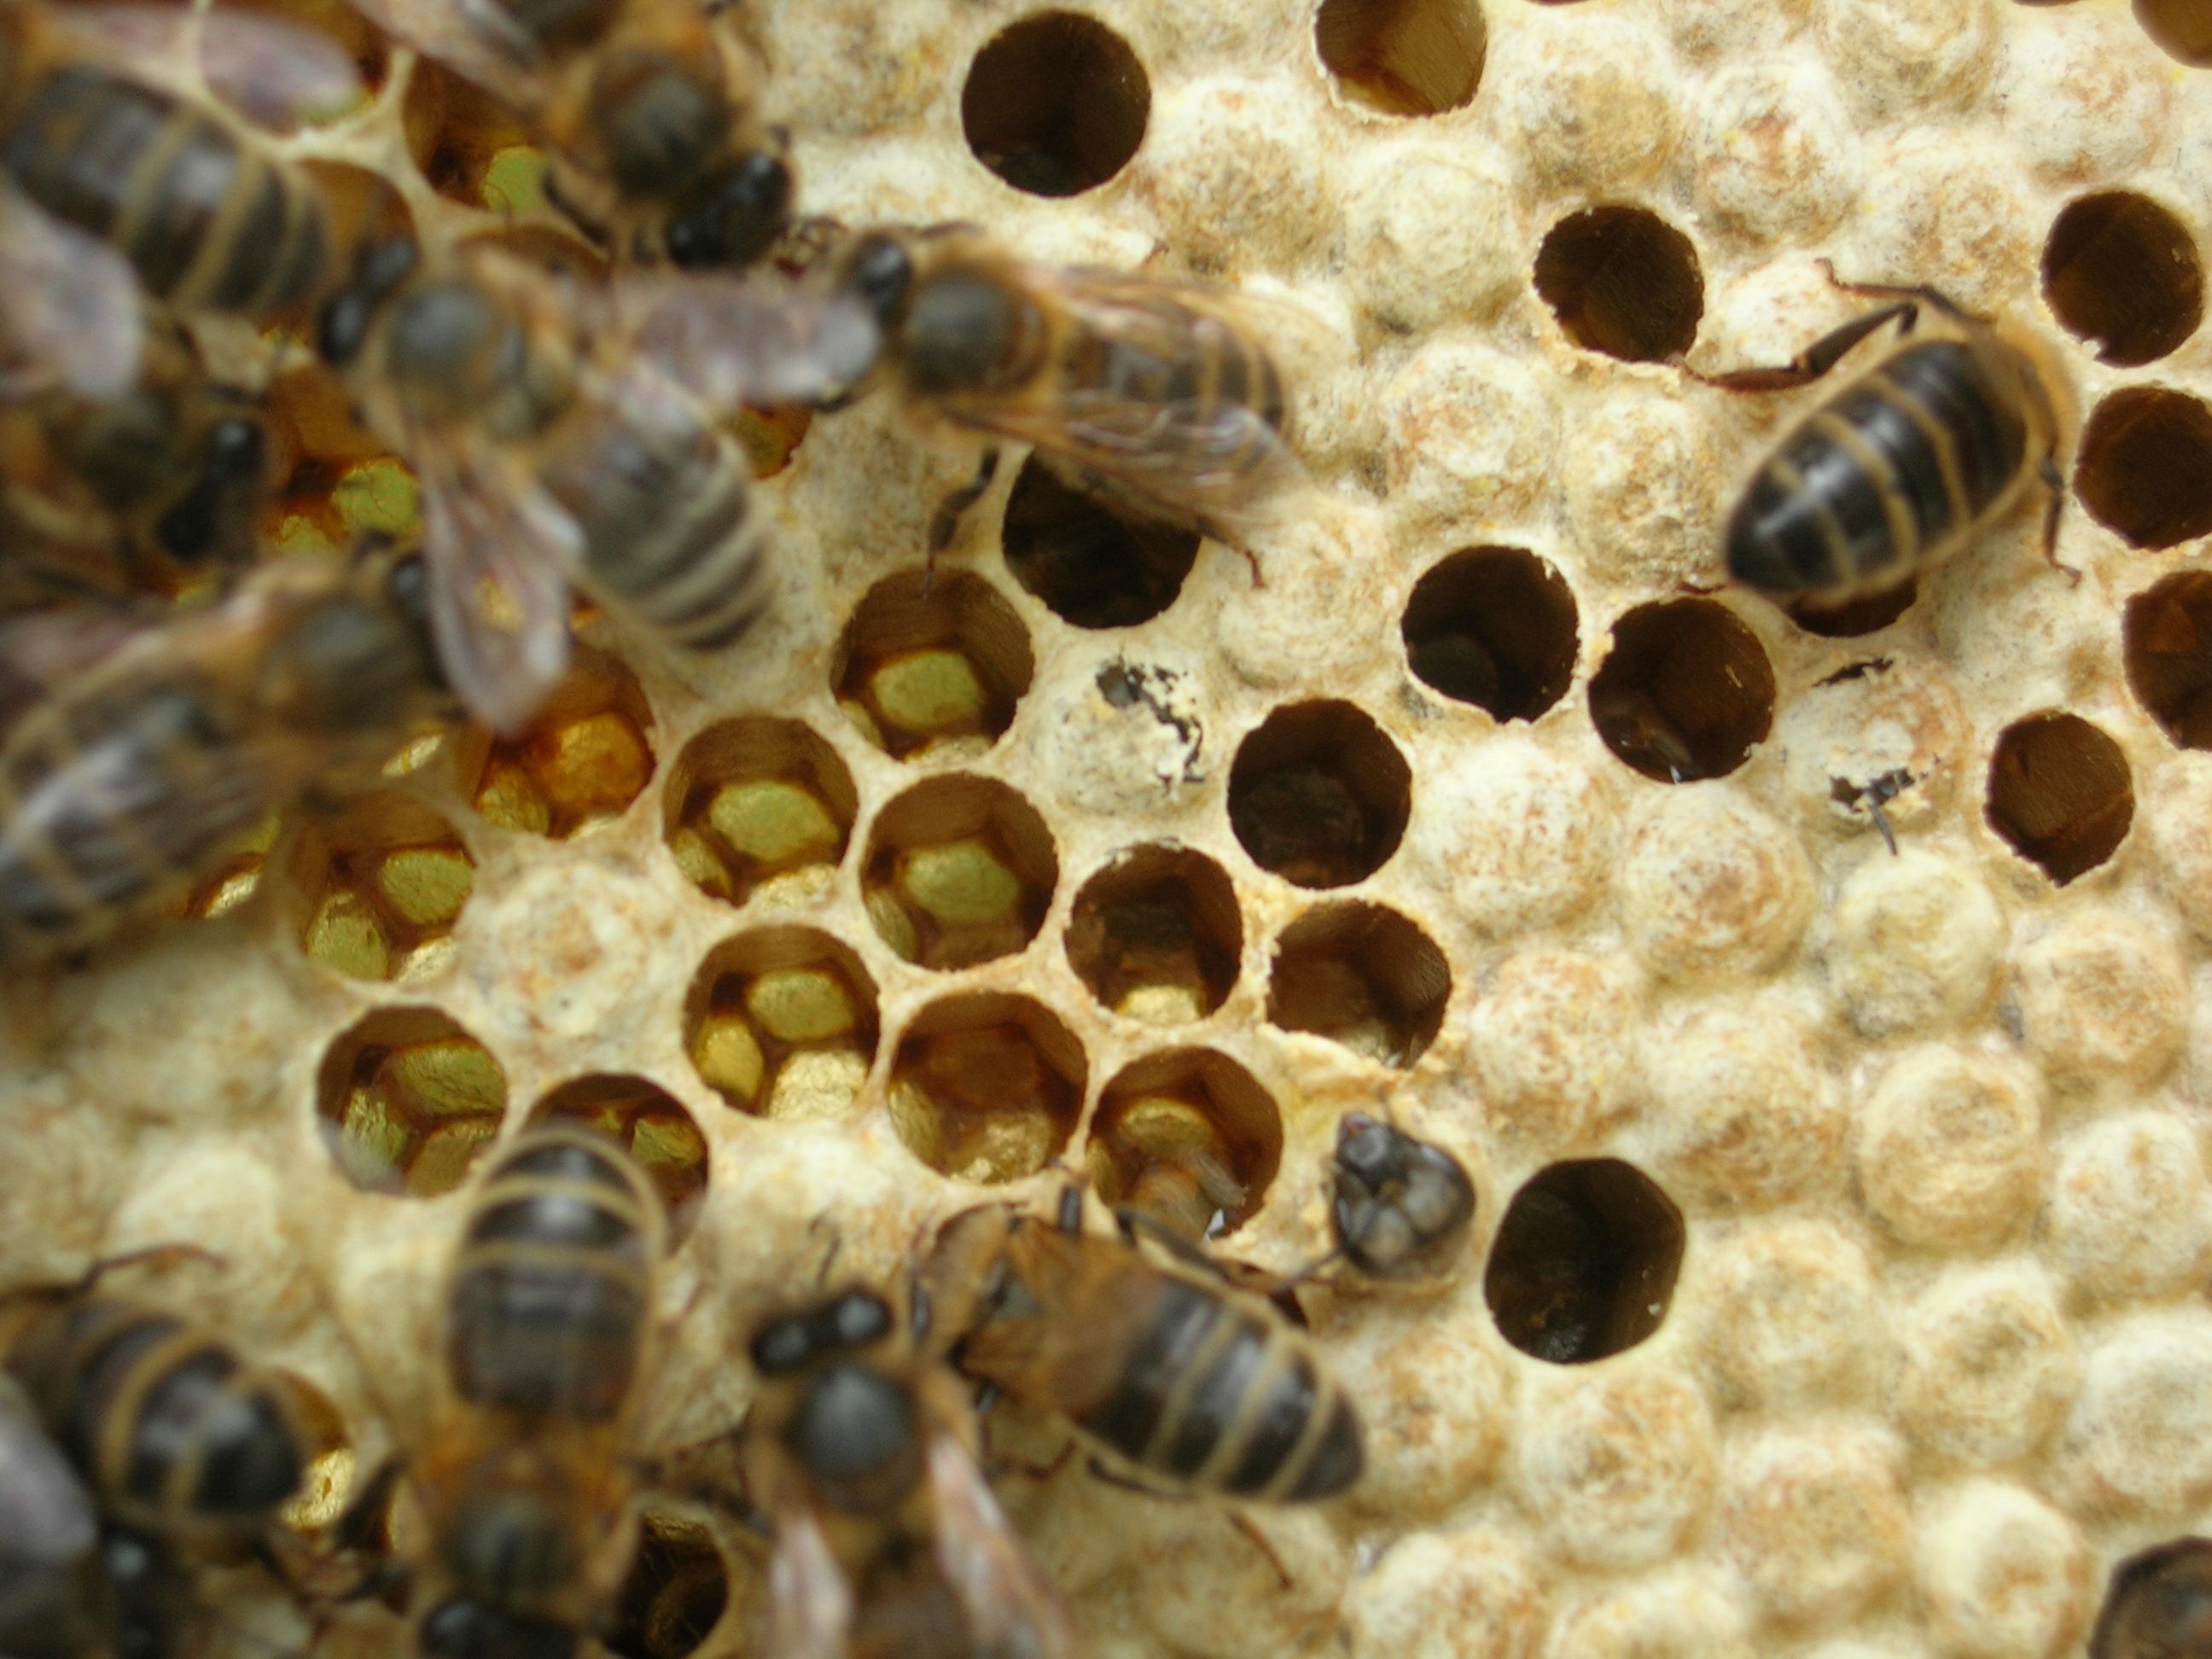 fabriquer des bougies en cire d 39 abeille conomie solidaire. Black Bedroom Furniture Sets. Home Design Ideas